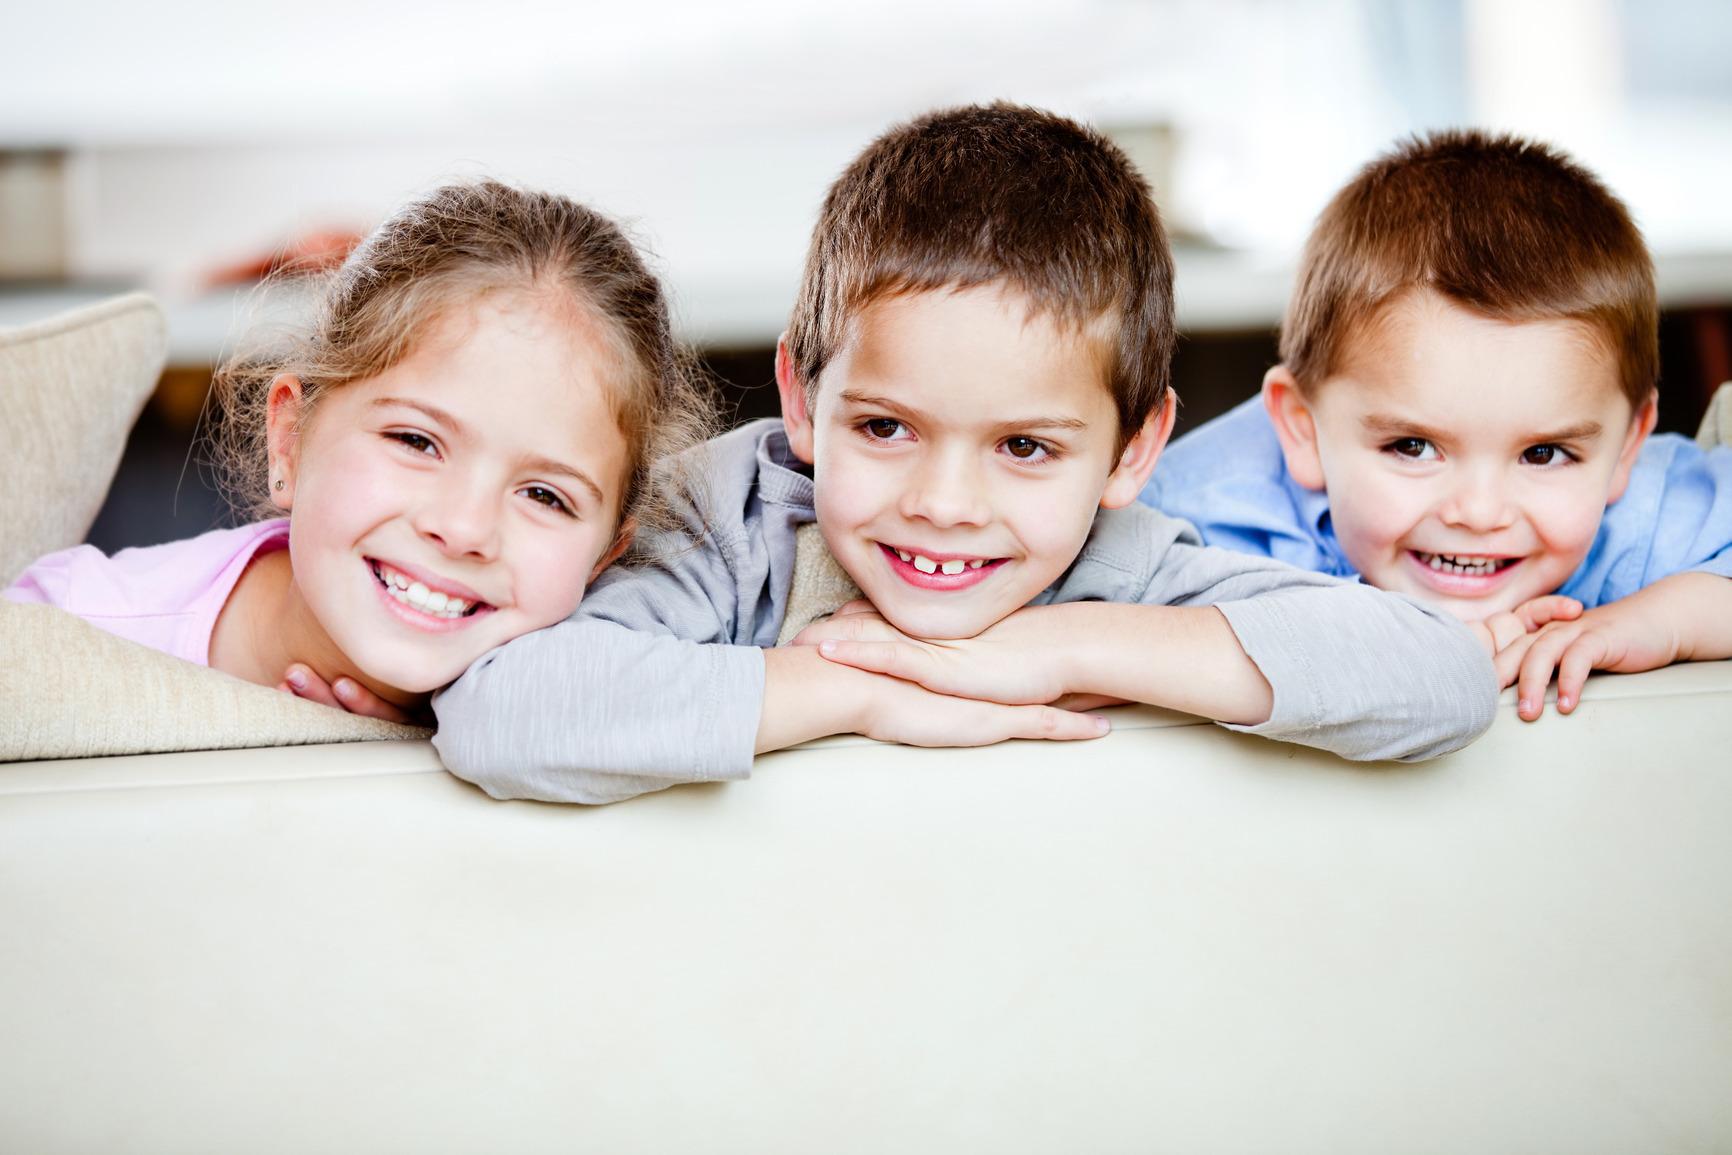 Правительство утвердило новые правила получения пособий на детей от 3 до 7 лет